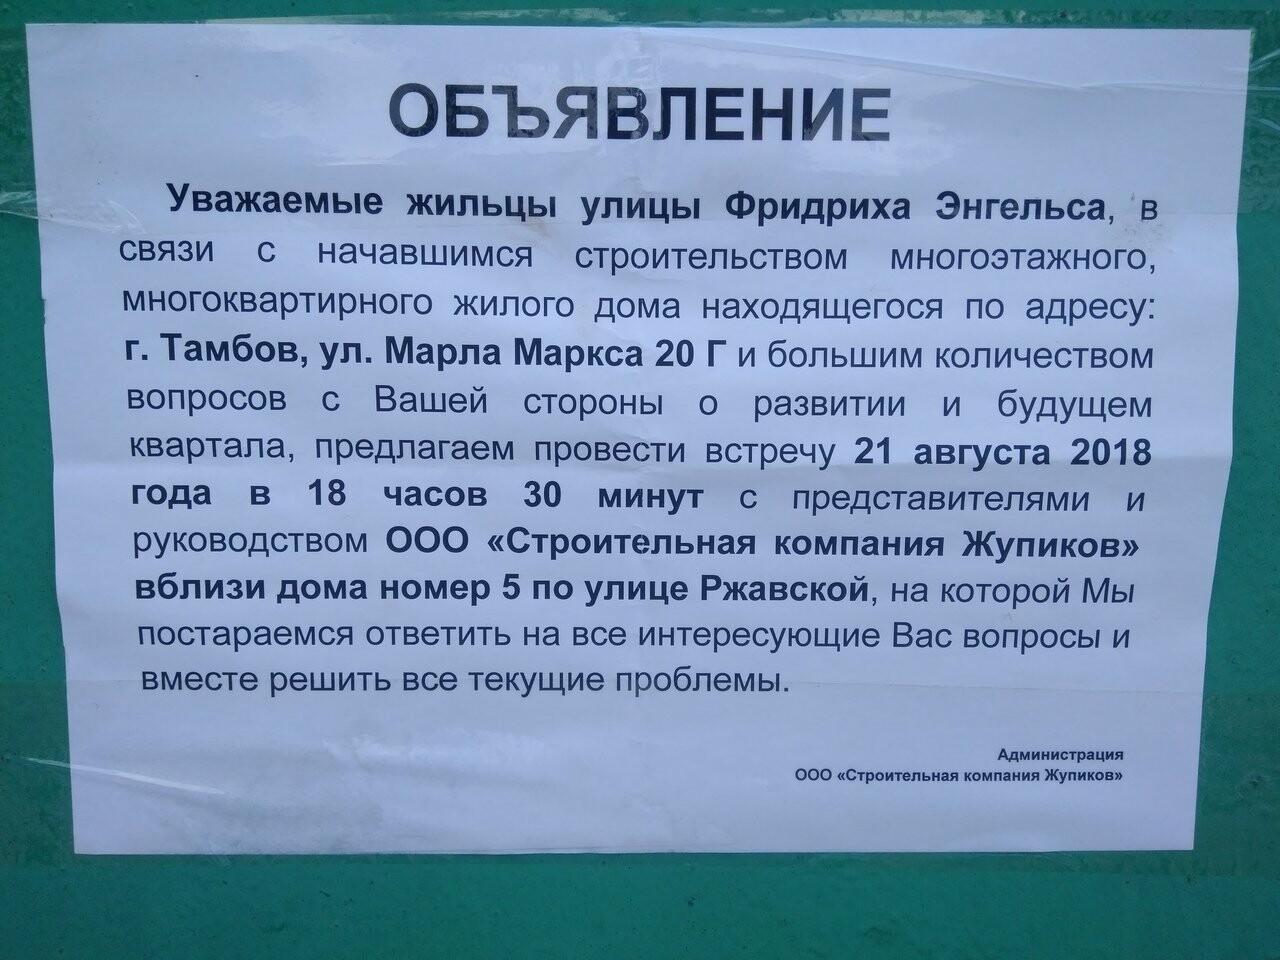 Жителям «южного» квартала в Тамбове пообещали сохранить частный сектор, фото-2